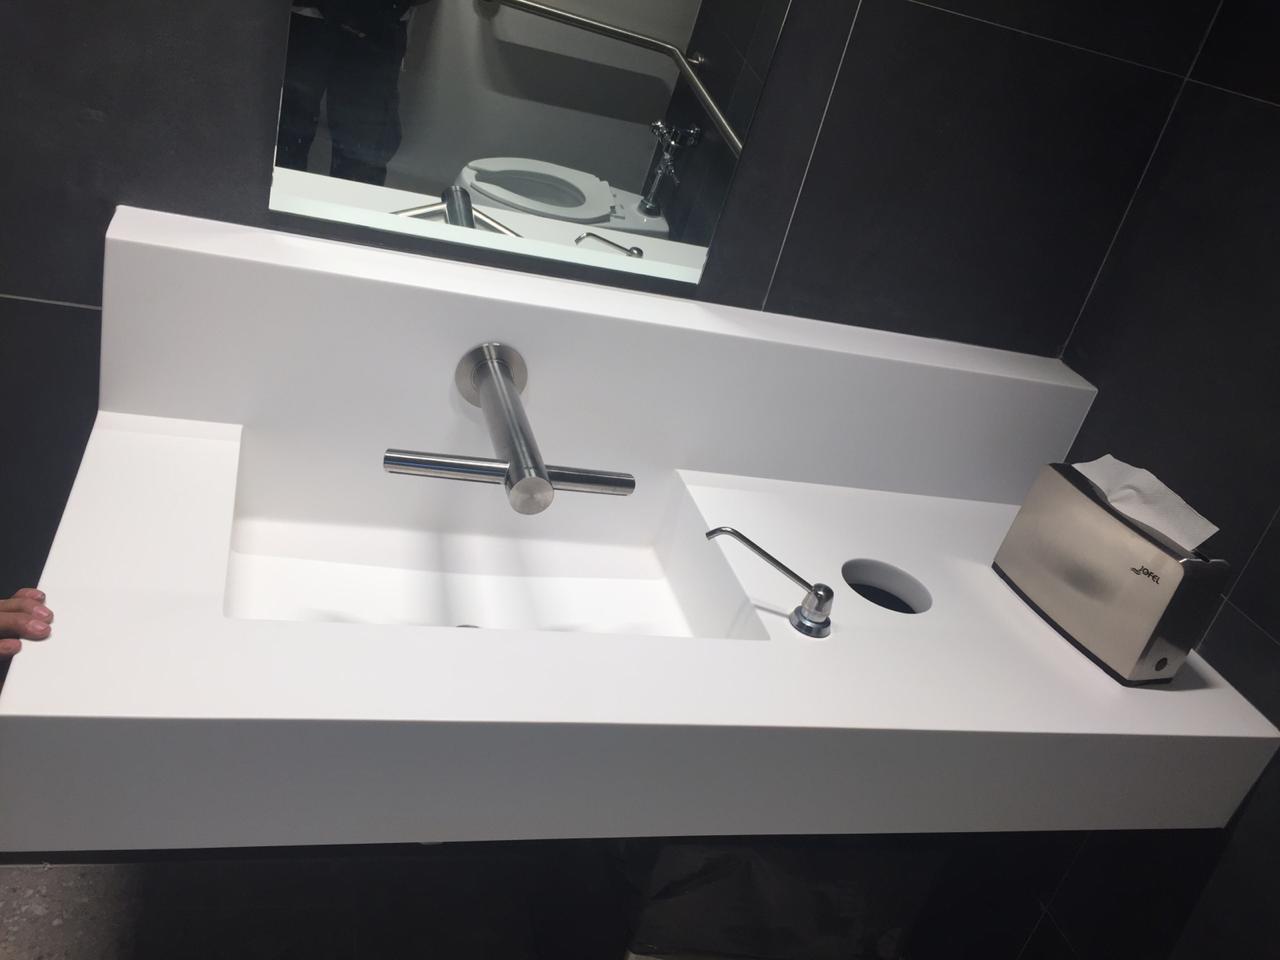 lavabo blanco Hanex